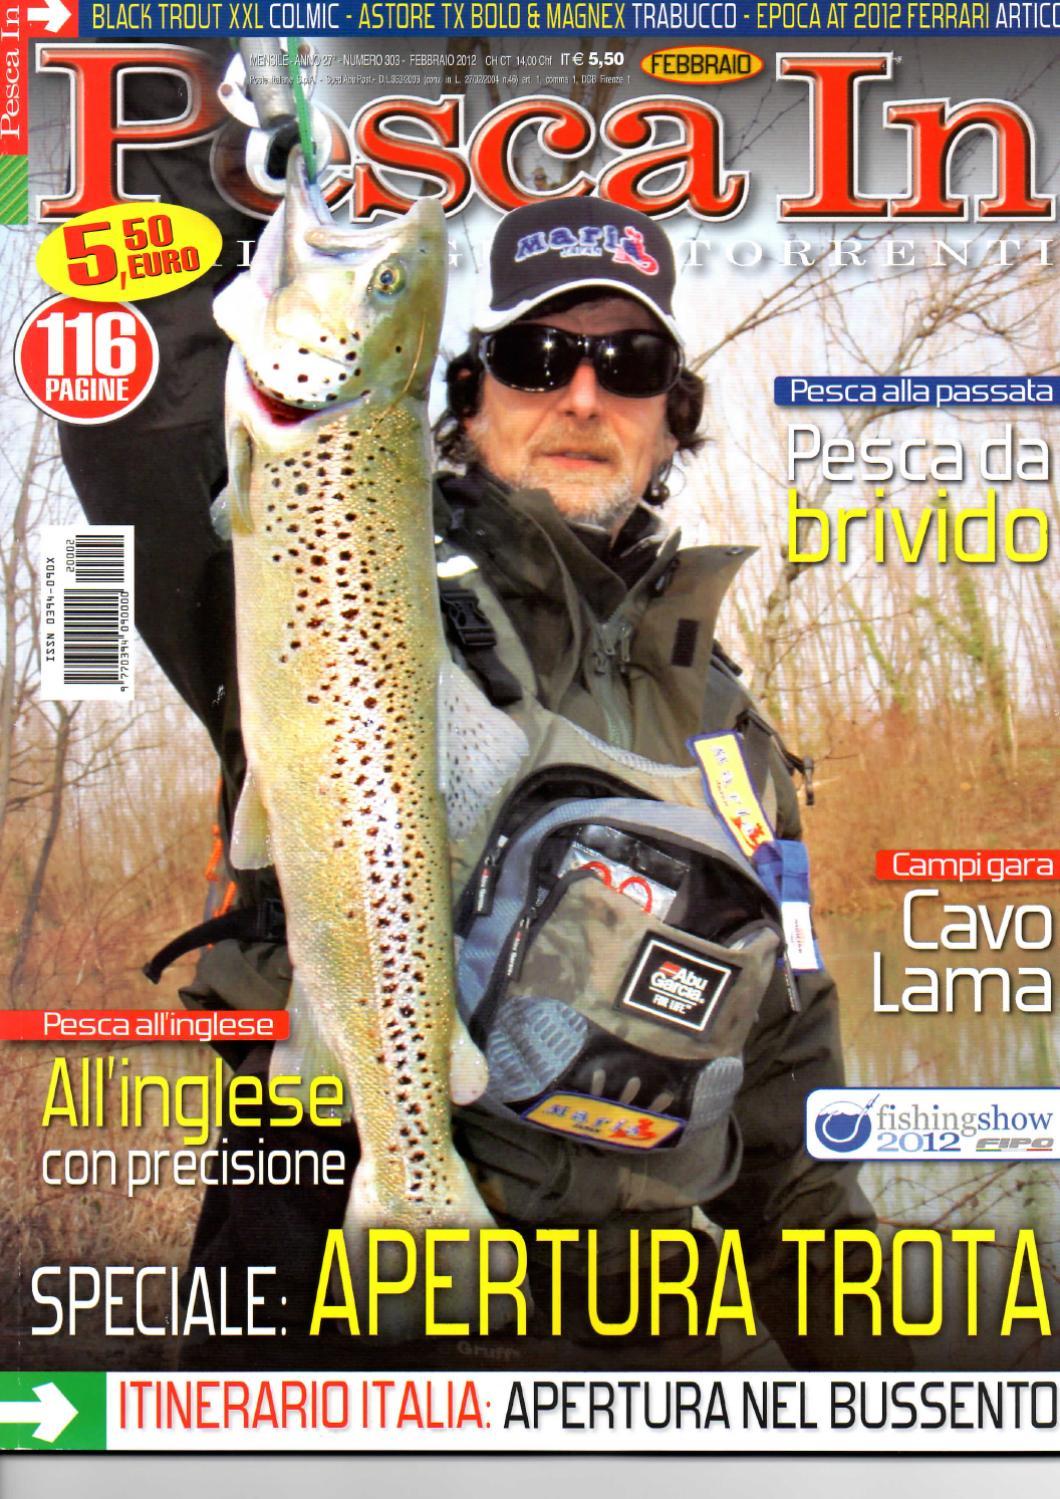 pesca bolognese passata 2 Piombini soft colmic selezionato n°10 pesca agonismo